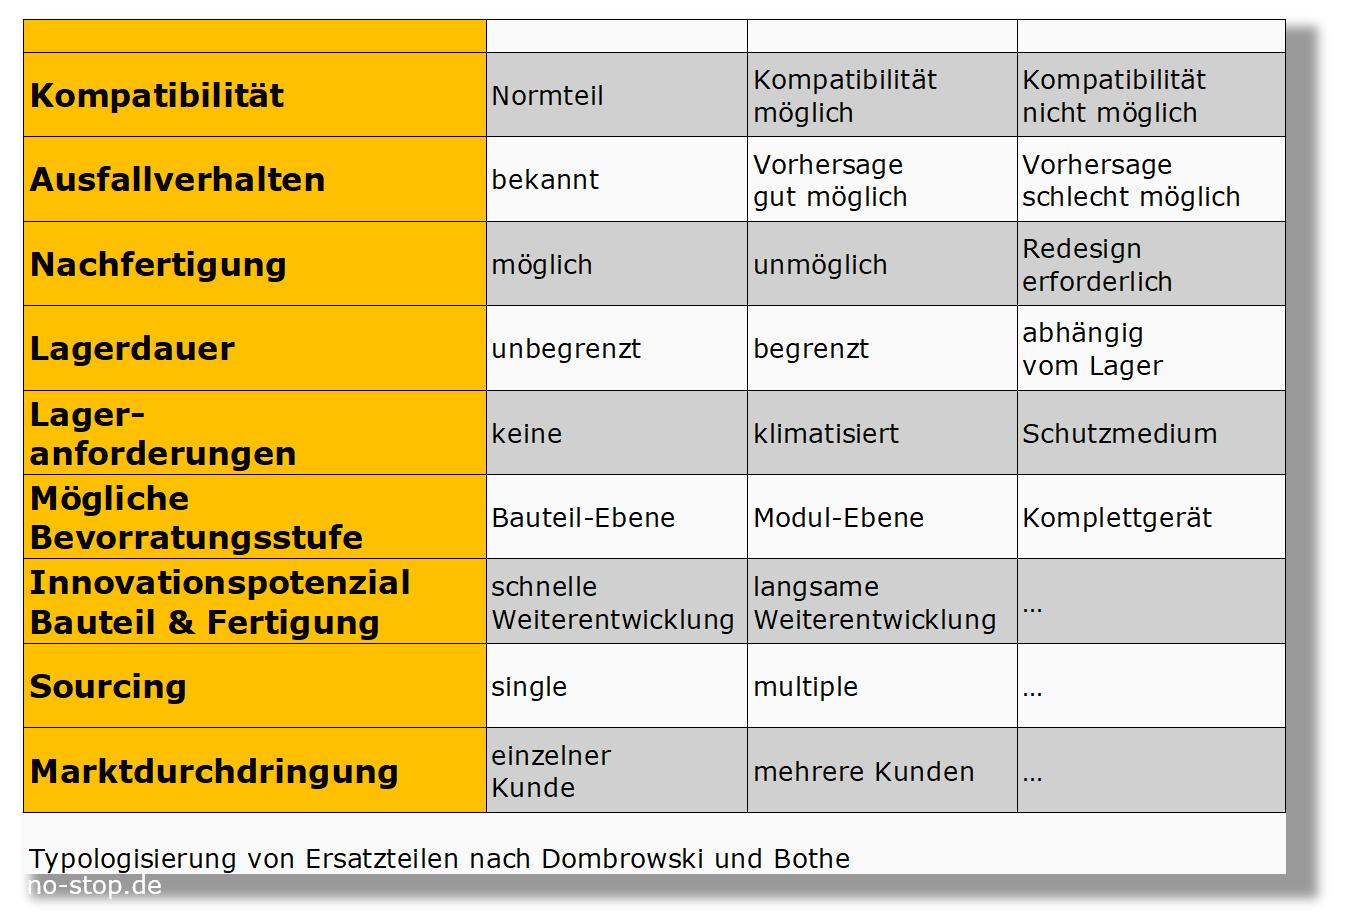 Typologisierung von Ersatzteilen